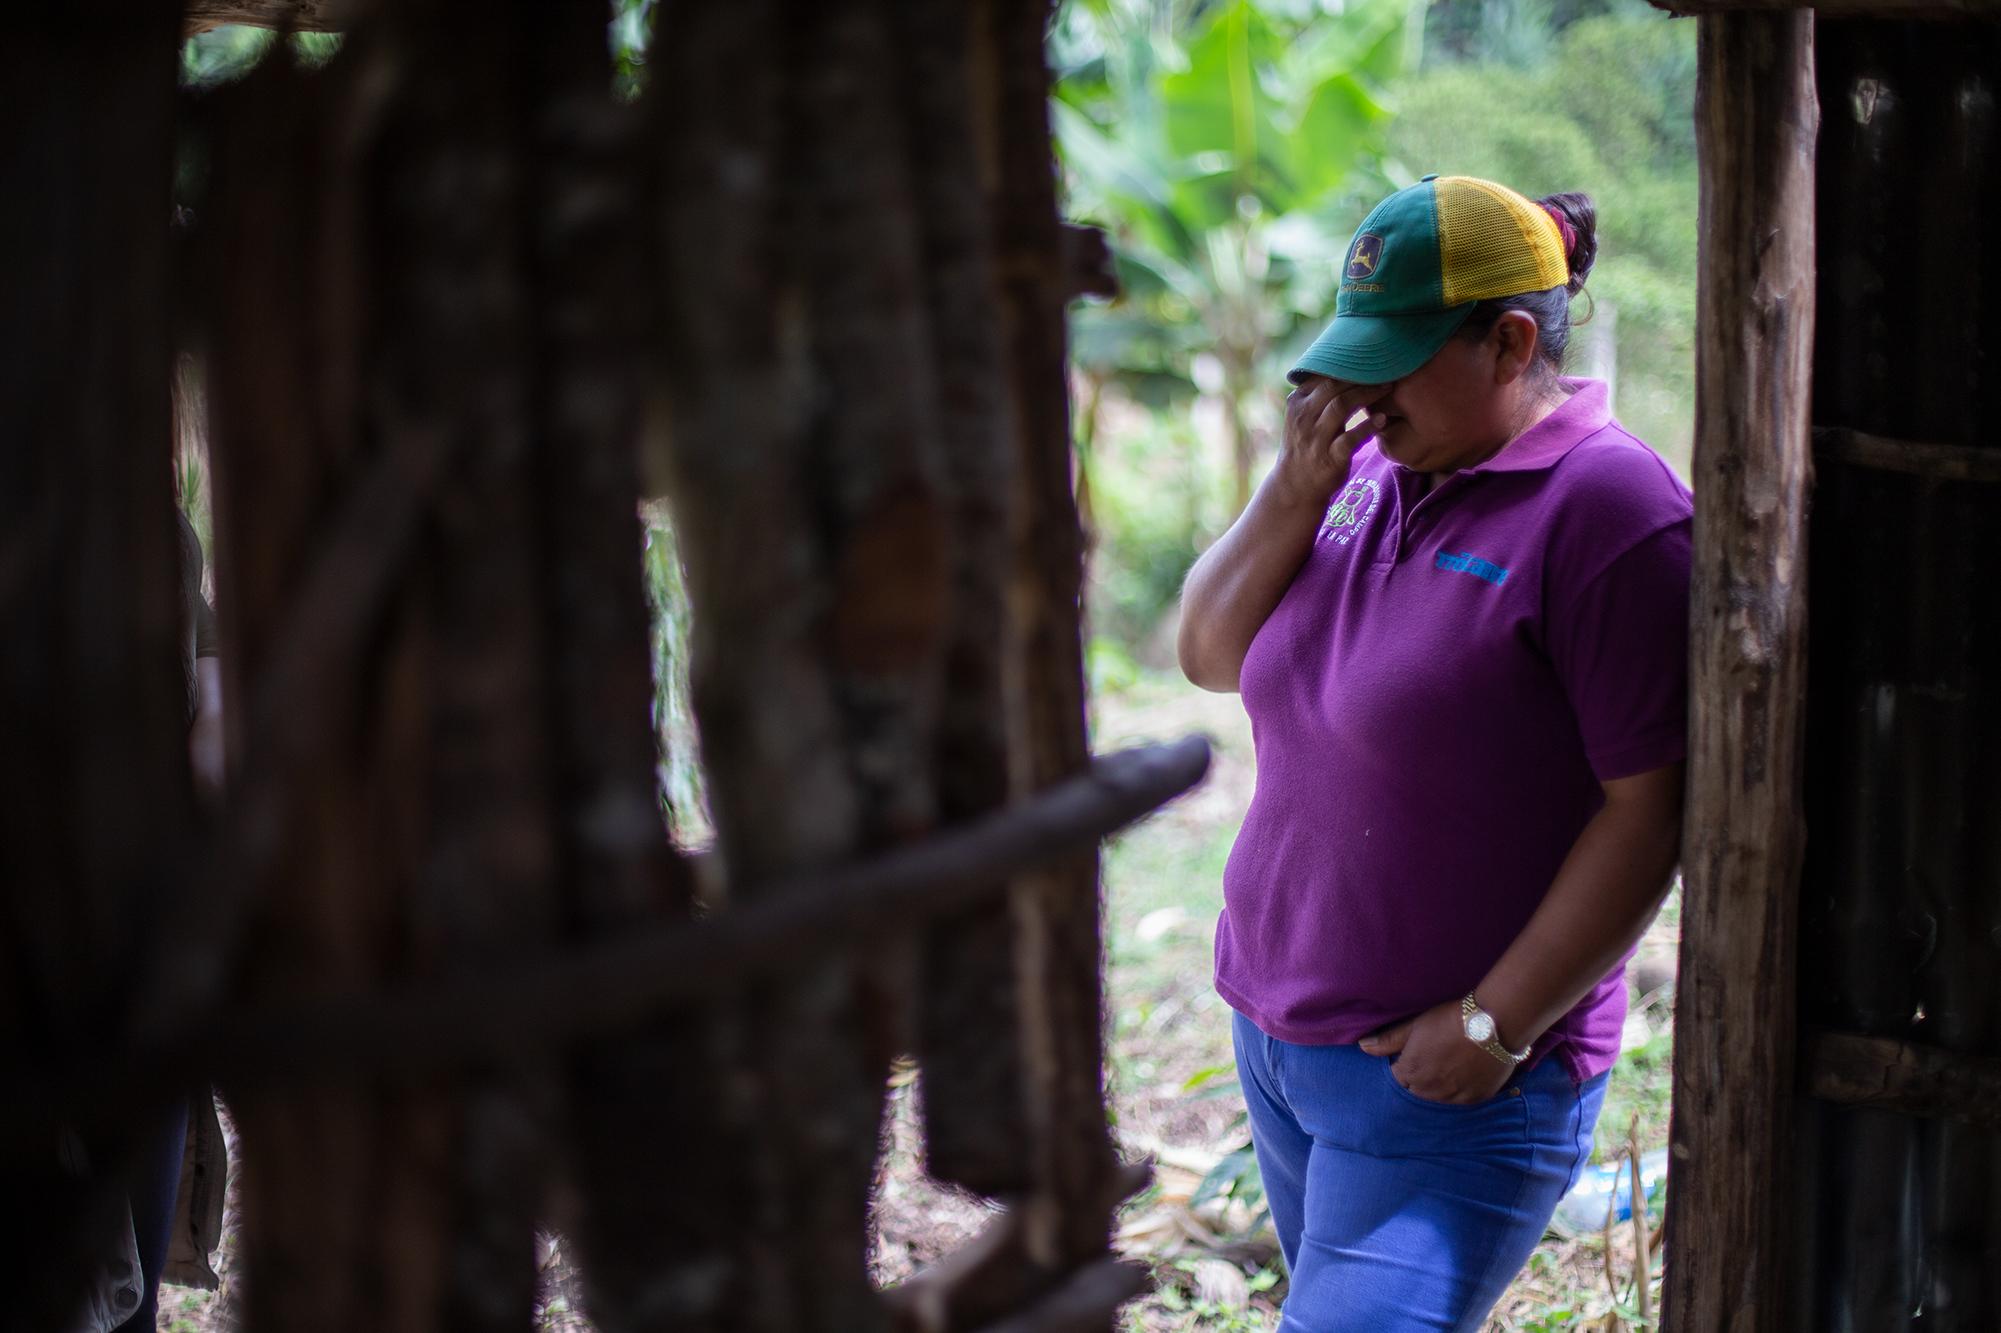 Doris rompe en llanto al contar su historia, donde narra toda la violencia que ha sufrido ella y sus hijos. San Pedro de Tutule, La Paz, 19 de octubre de 2020. Foto: Martín Cálix.